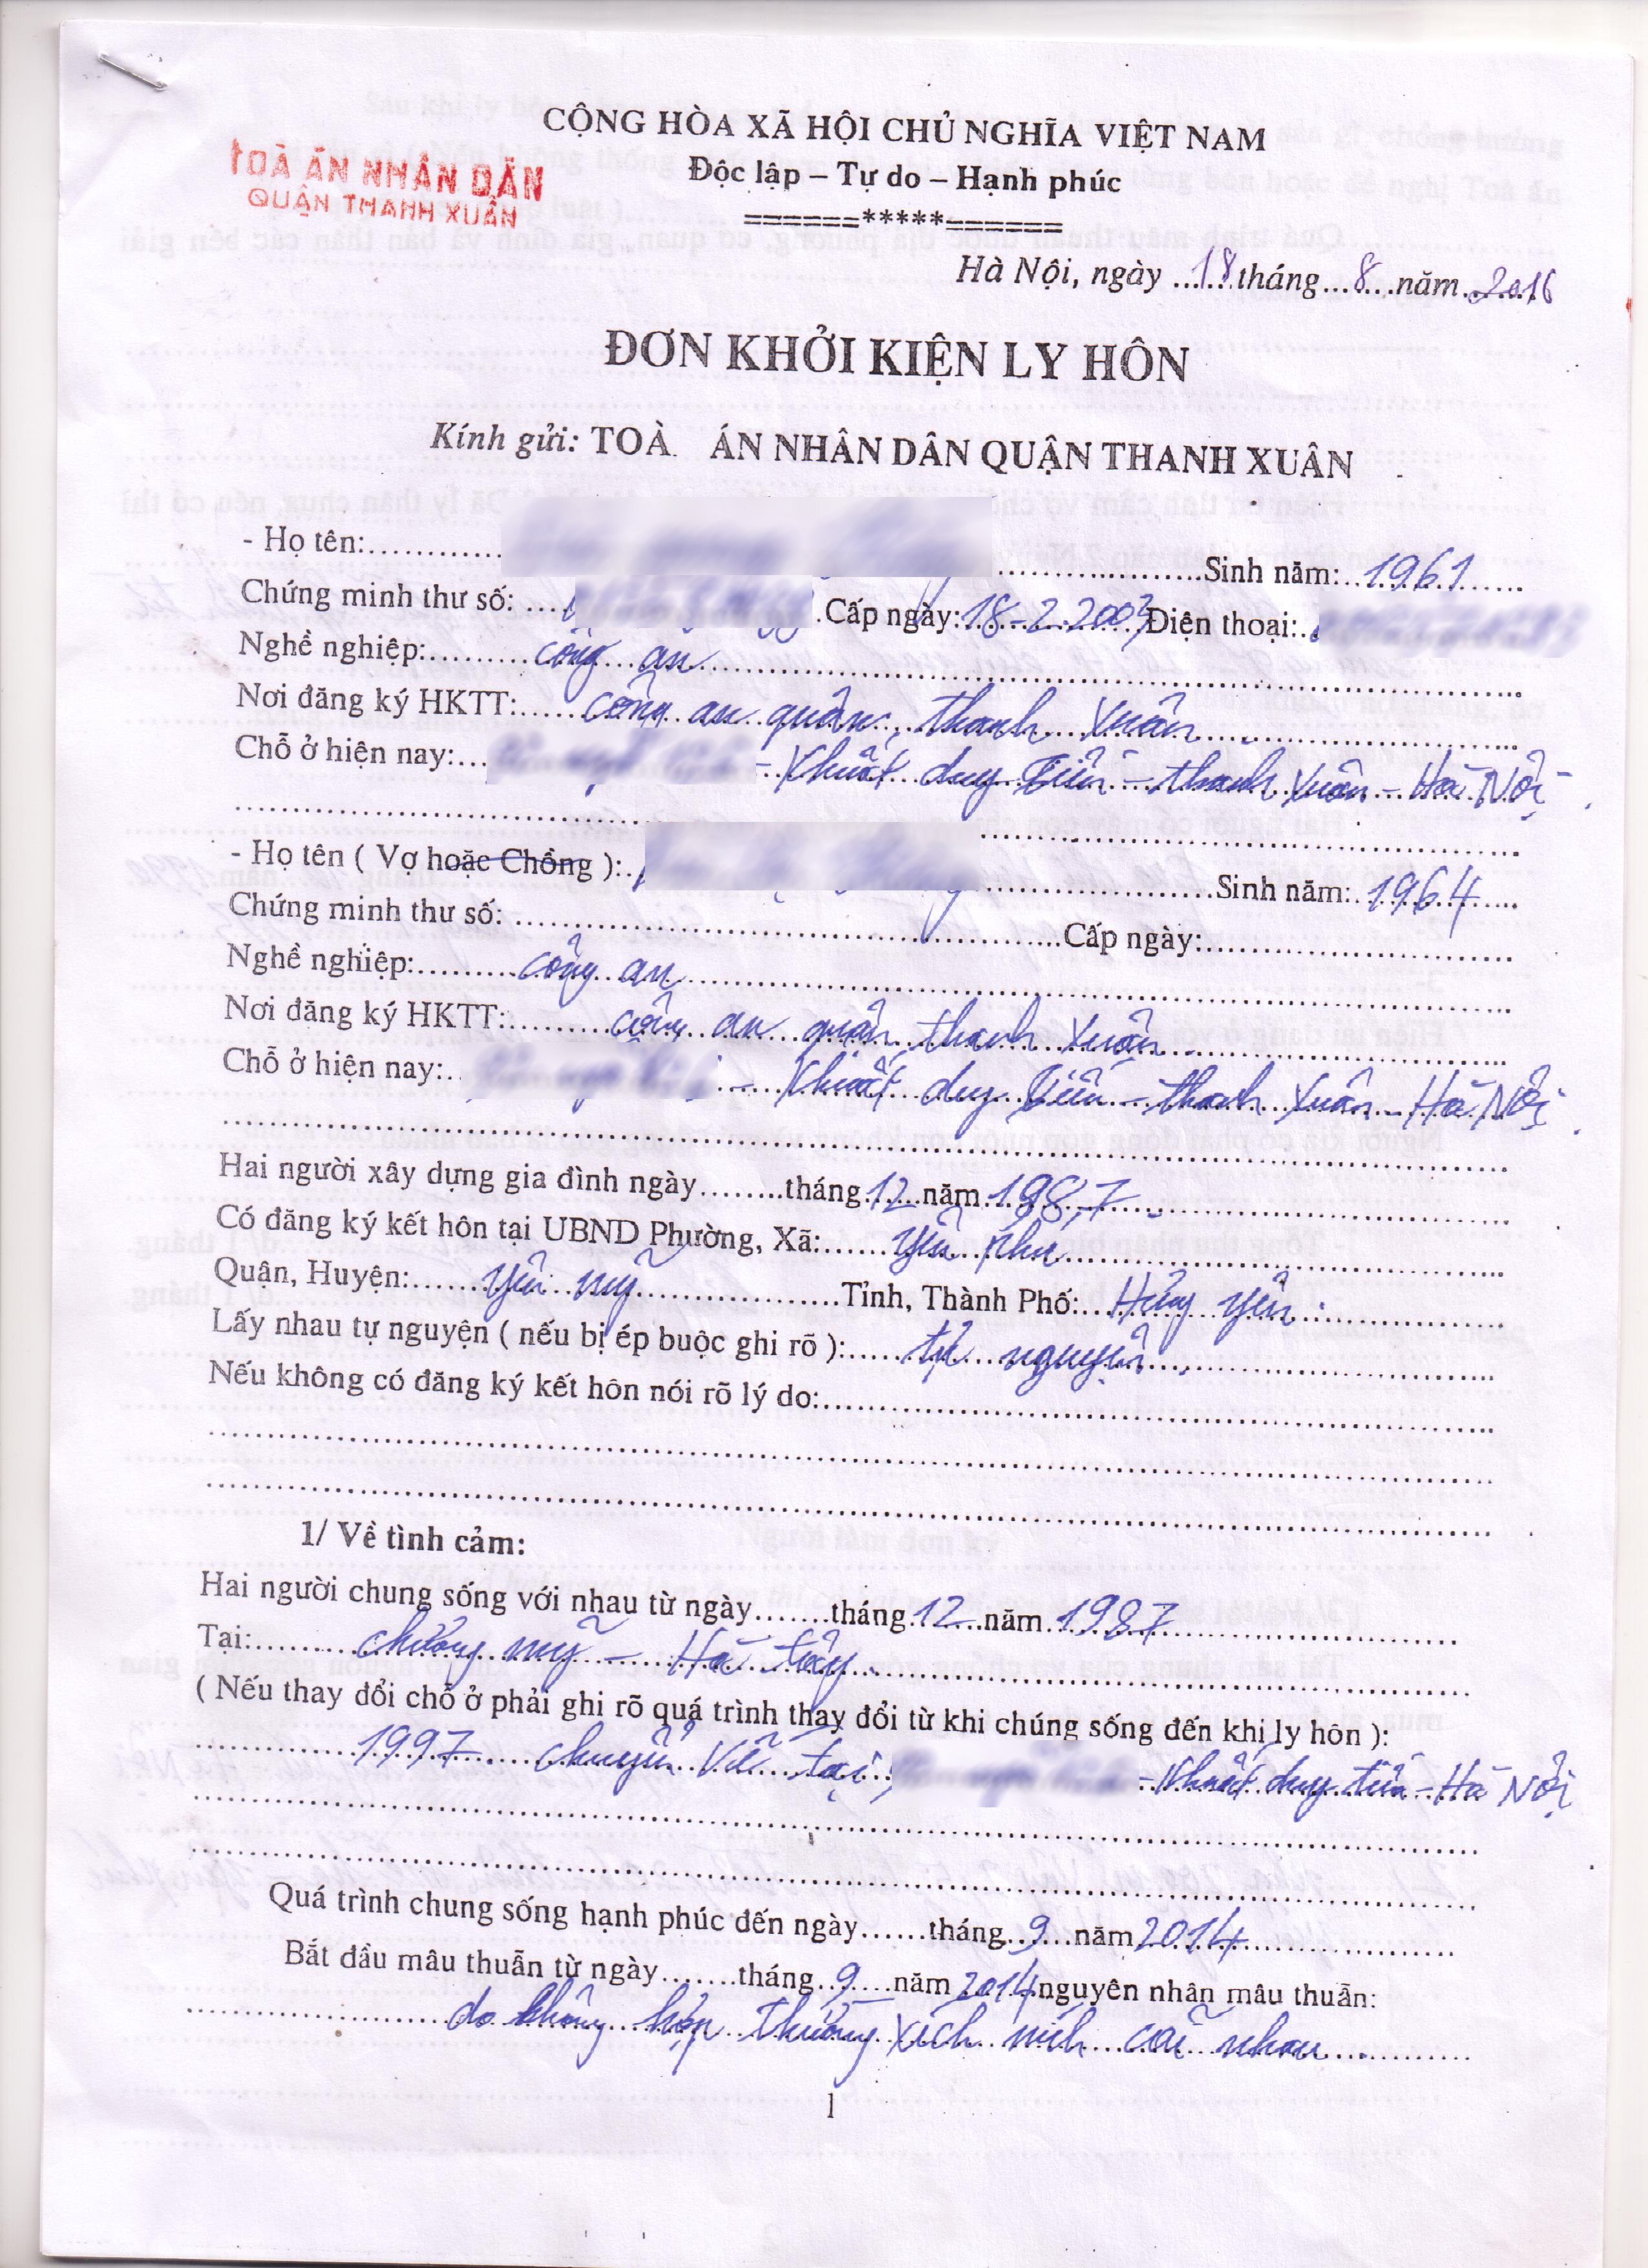 Cách khai đơn xin ly hôn tại quận Thanh Xuân